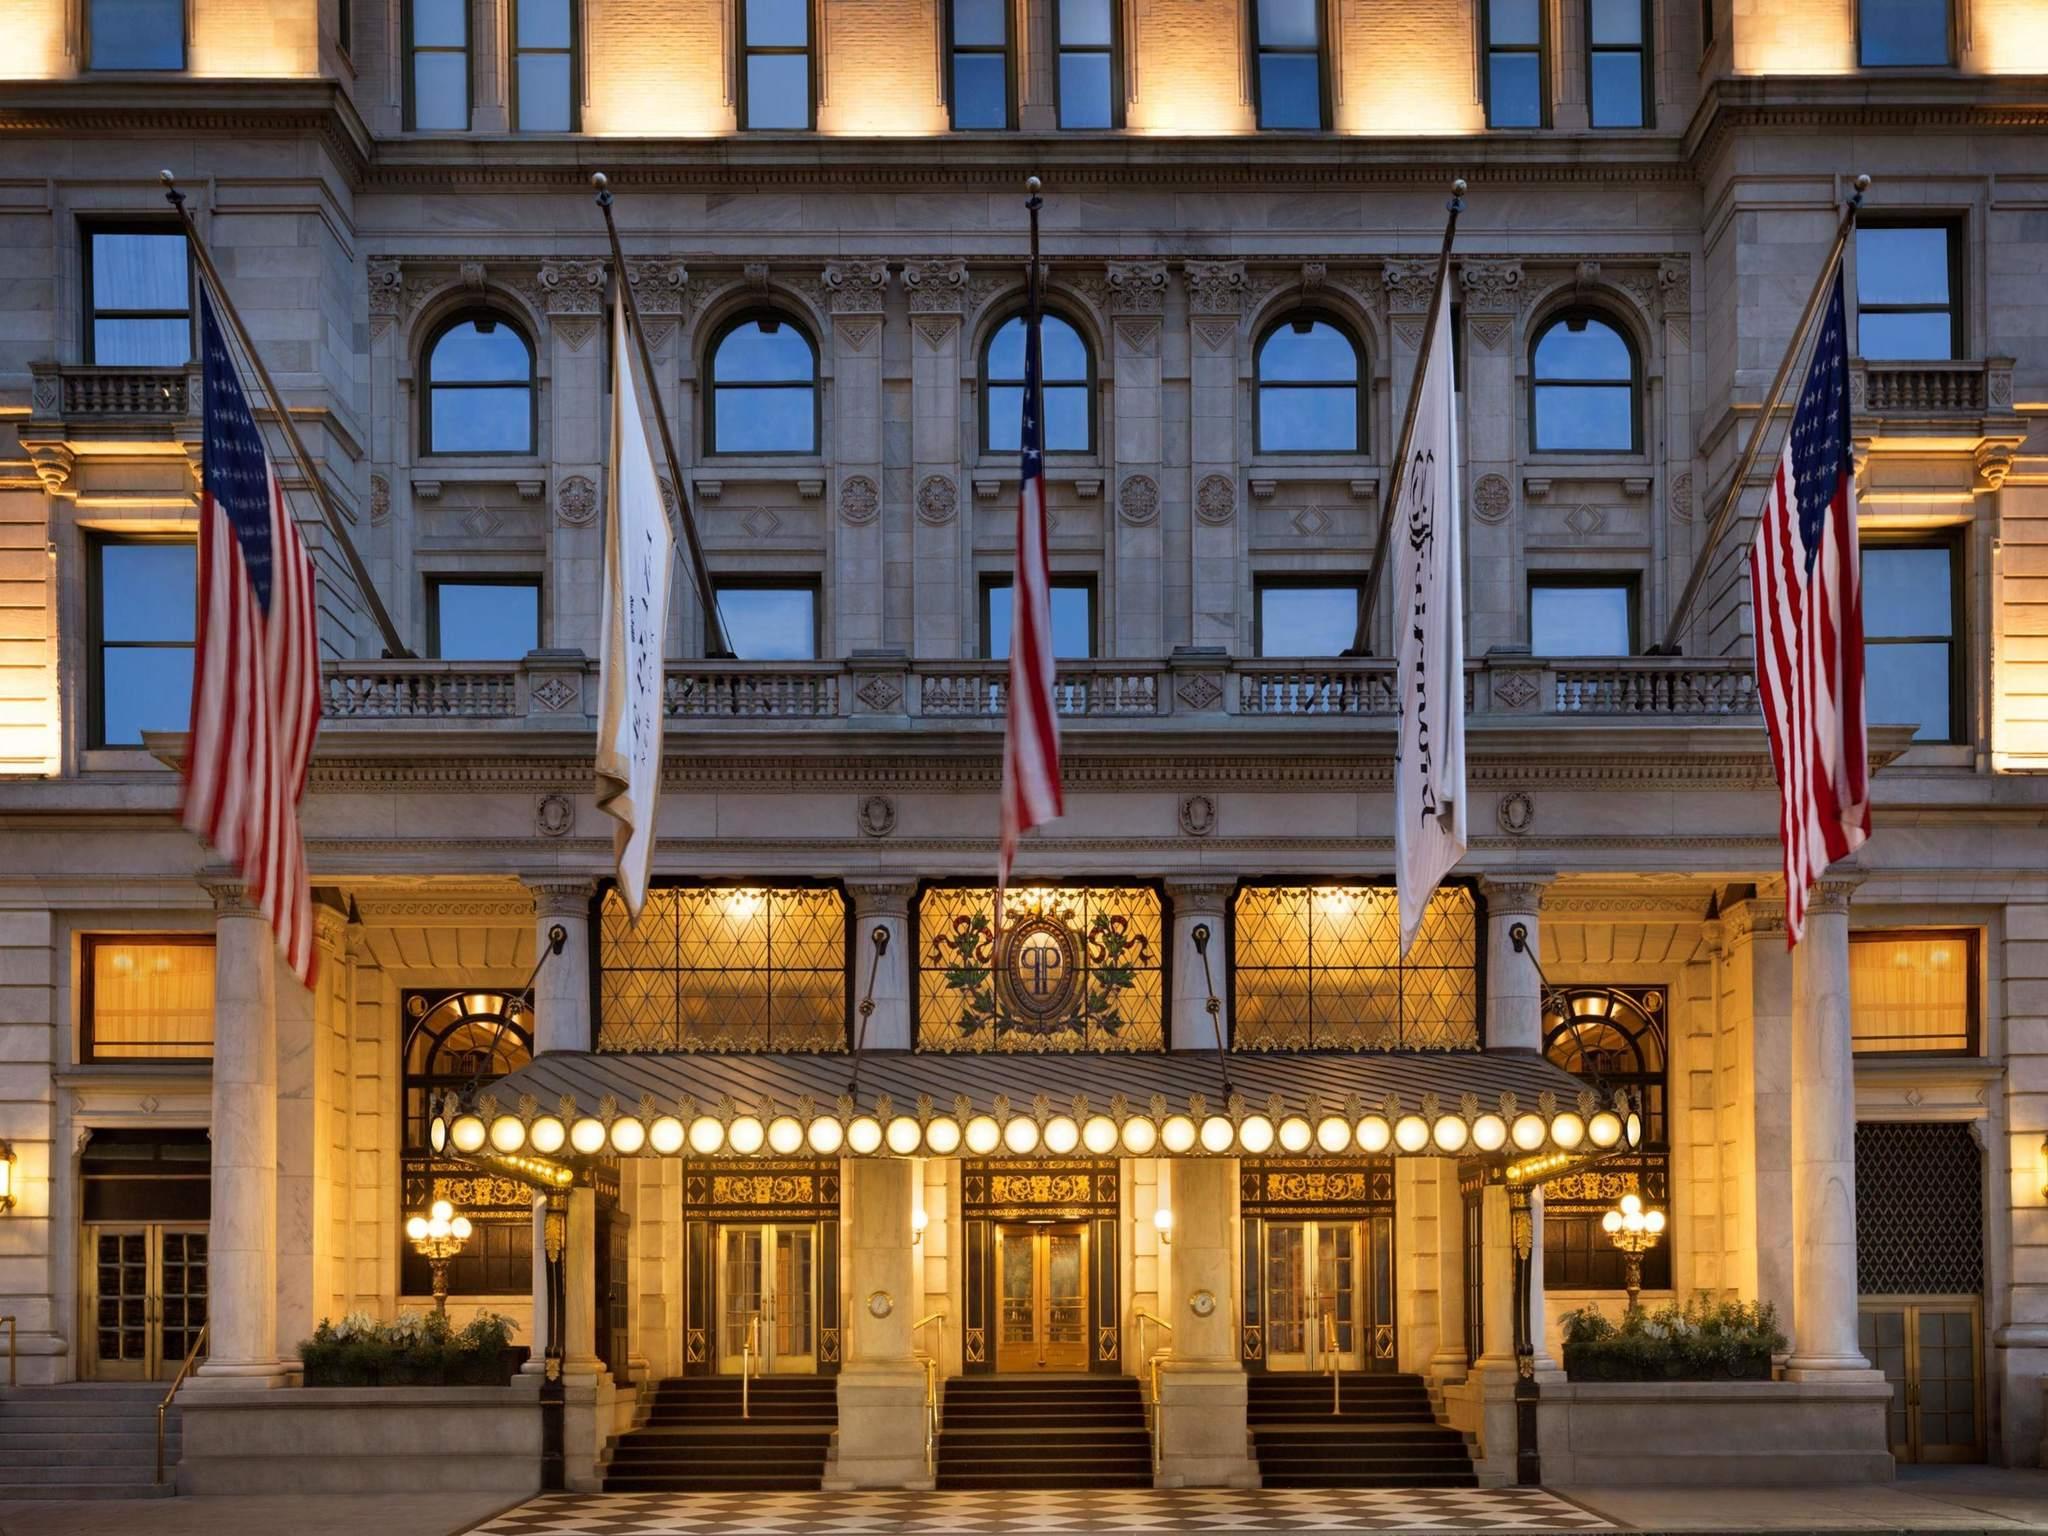 Hotel – The Plaza - Um hotel gerenciado pela Fairmont